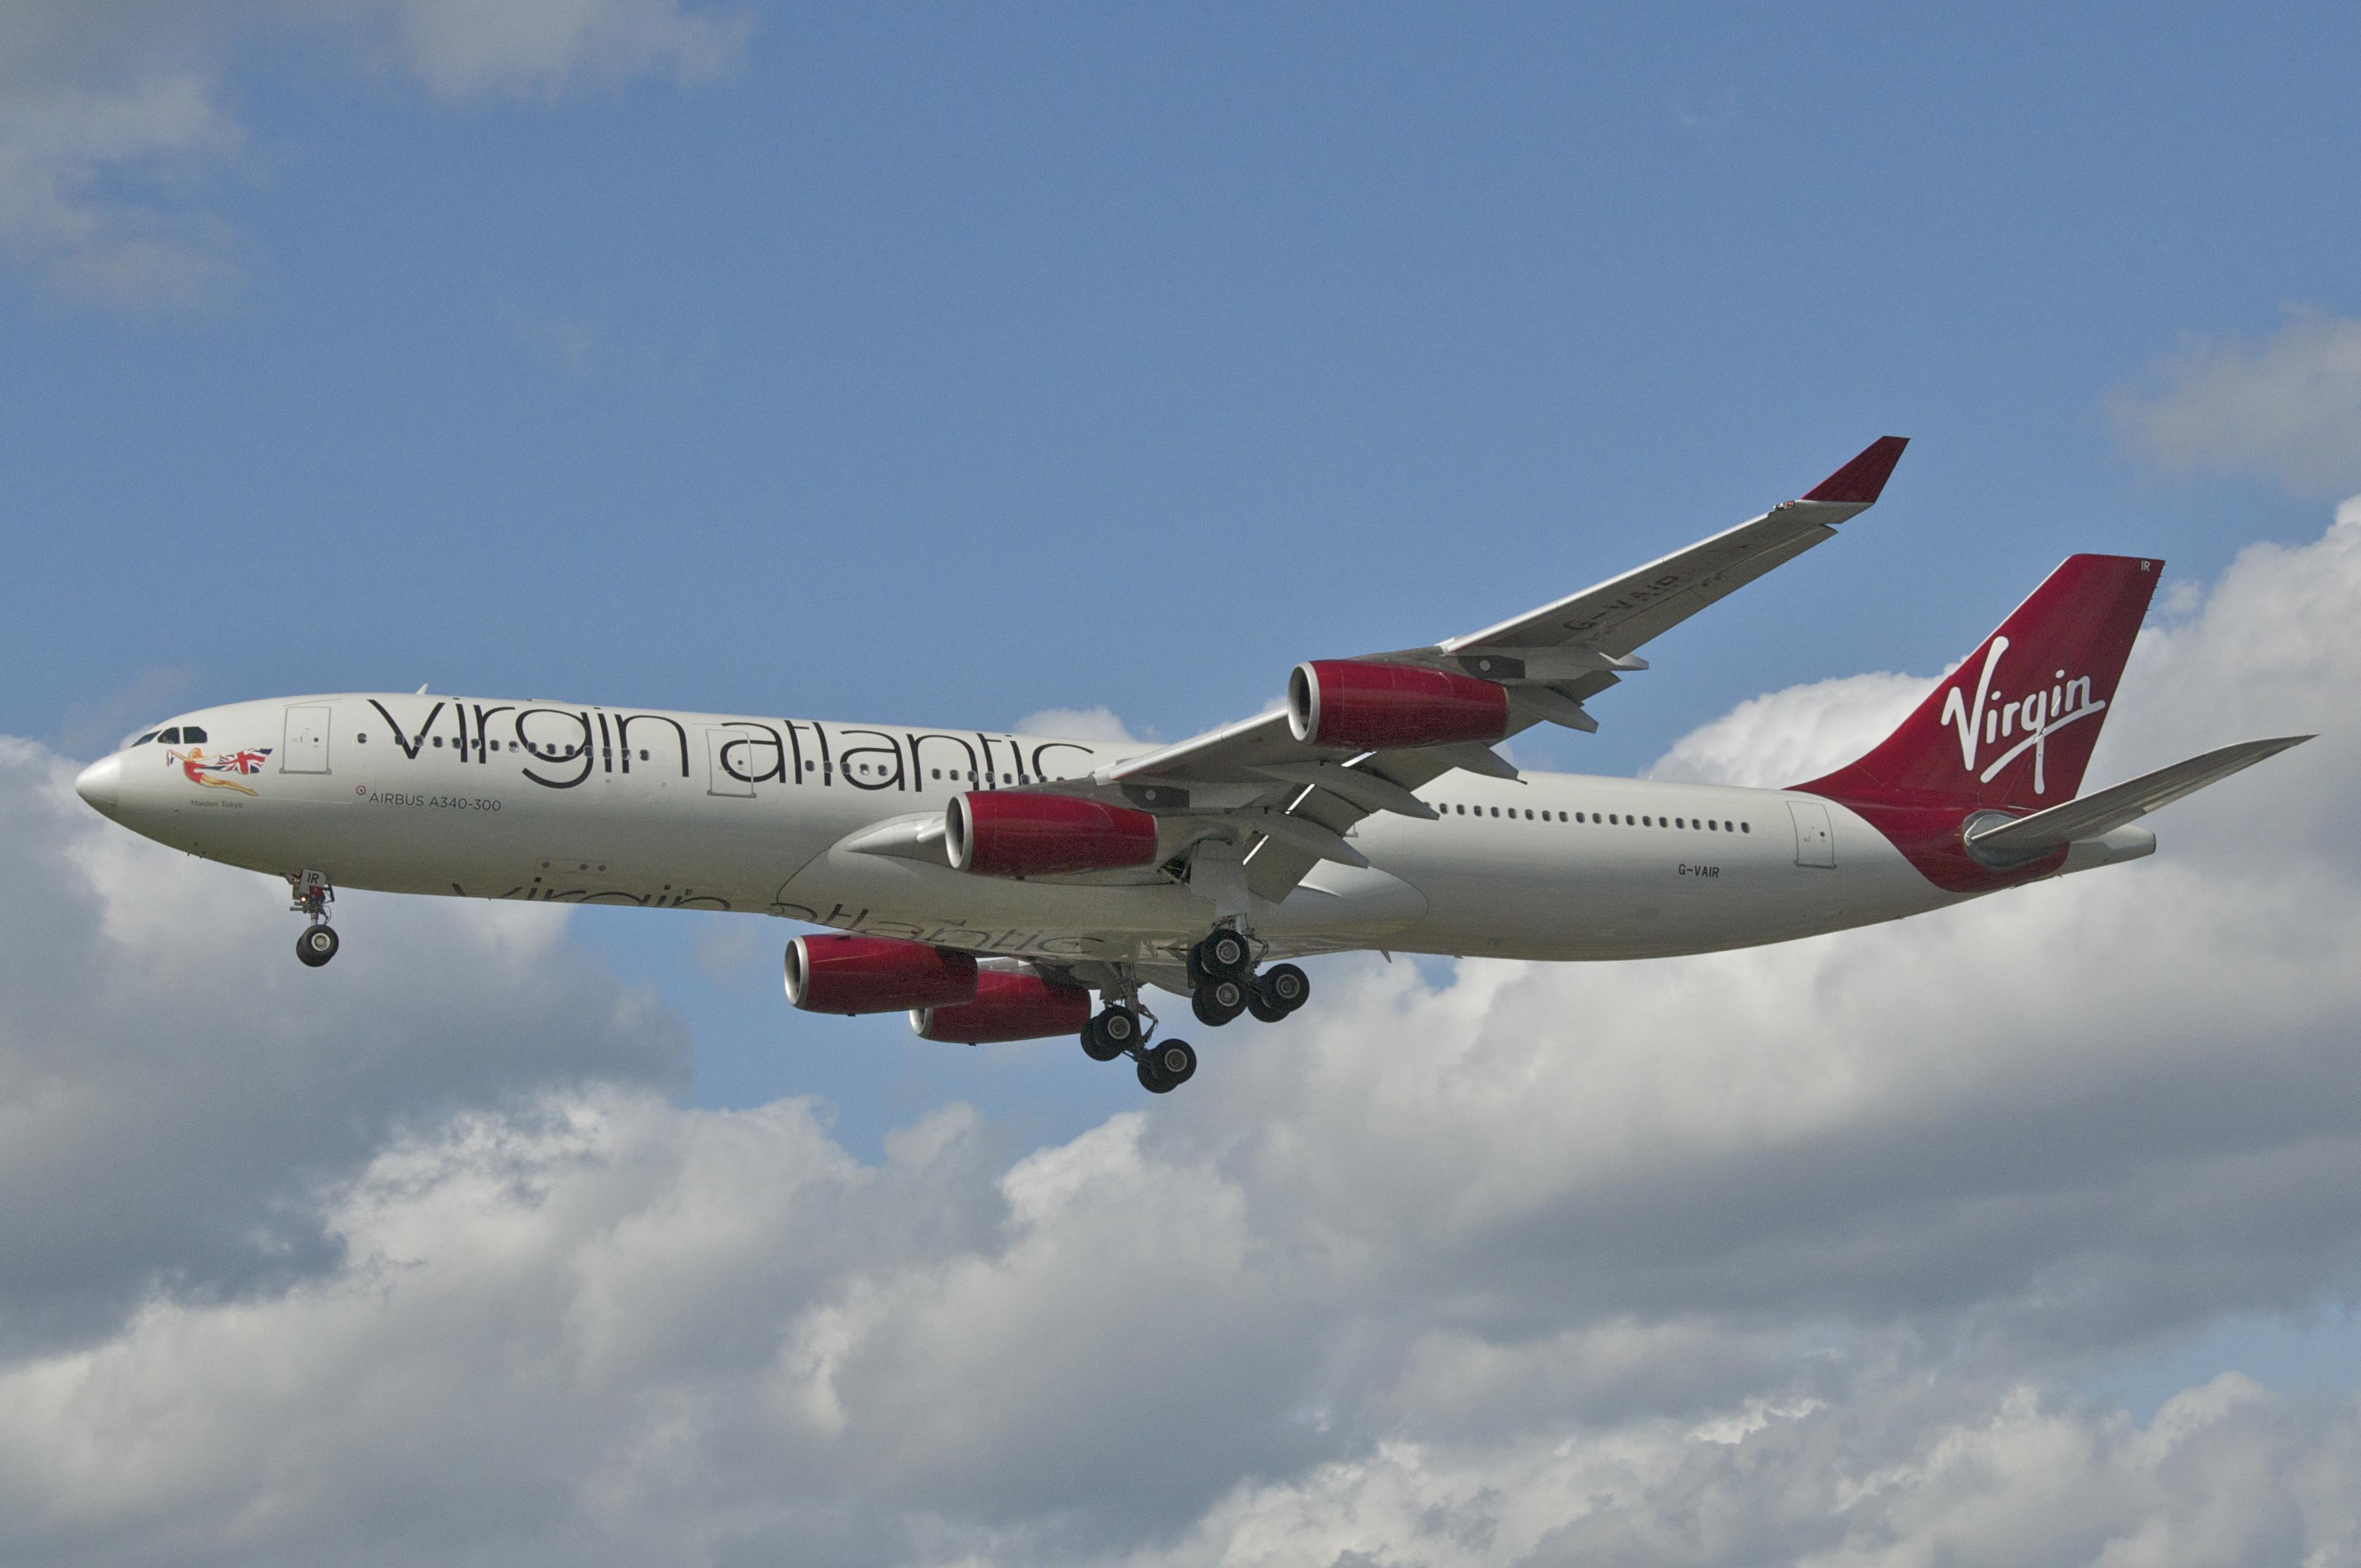 エアバス A340を運用している航空会社まとめ(2019/11/1現在)